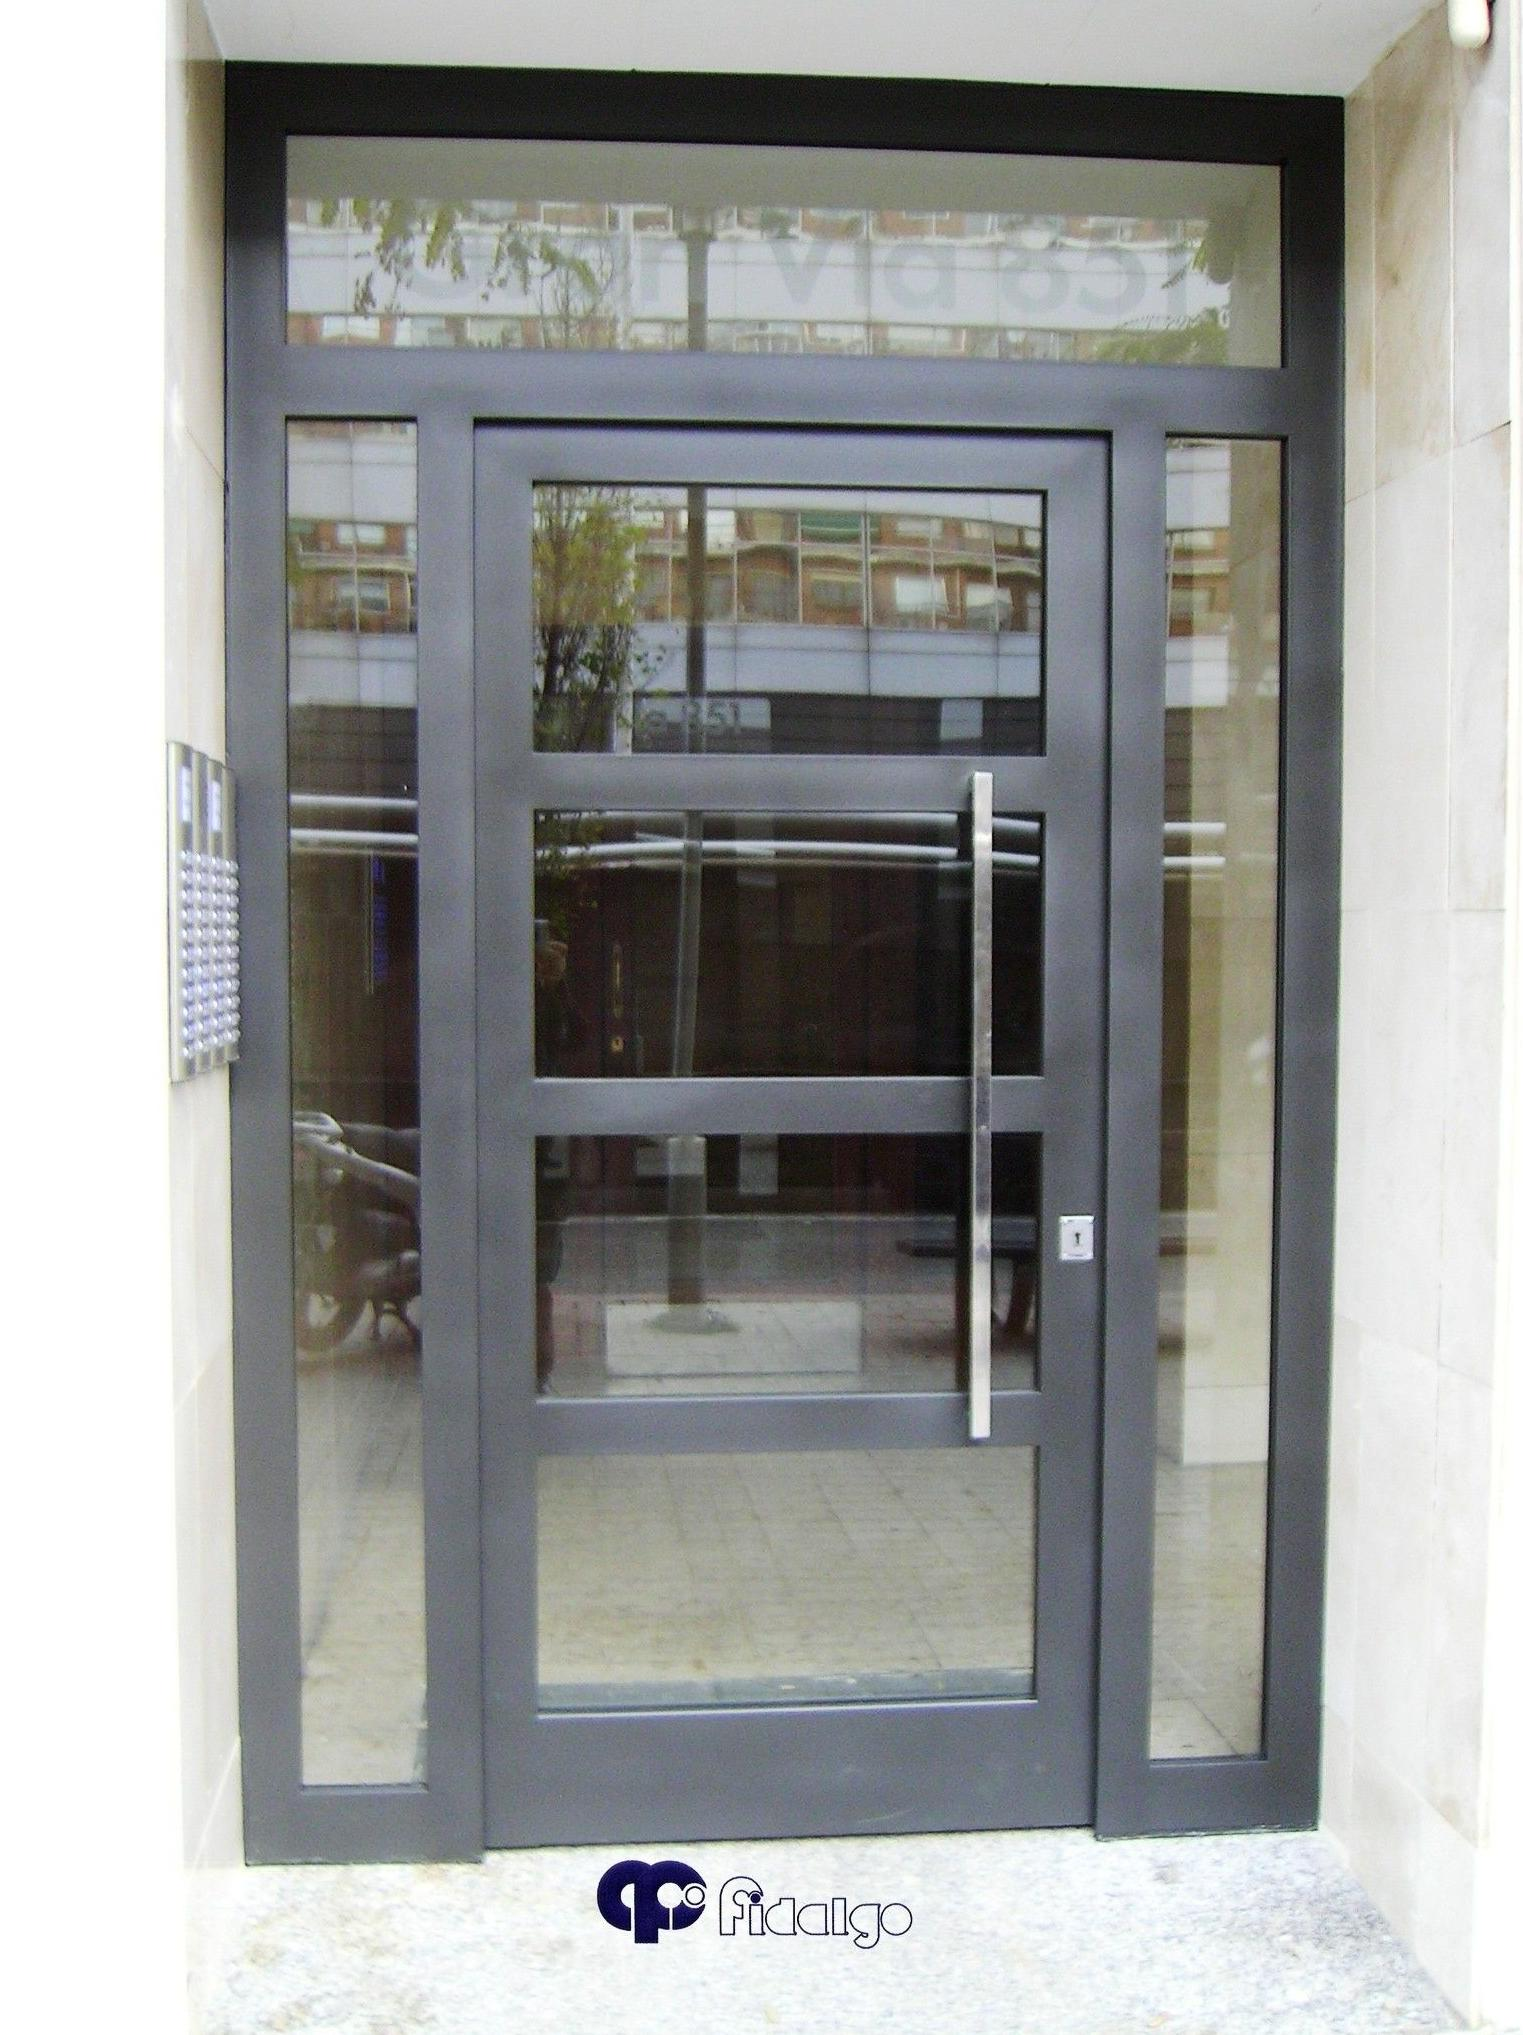 Puertas metálicas. Puertas en acero inoxidable.